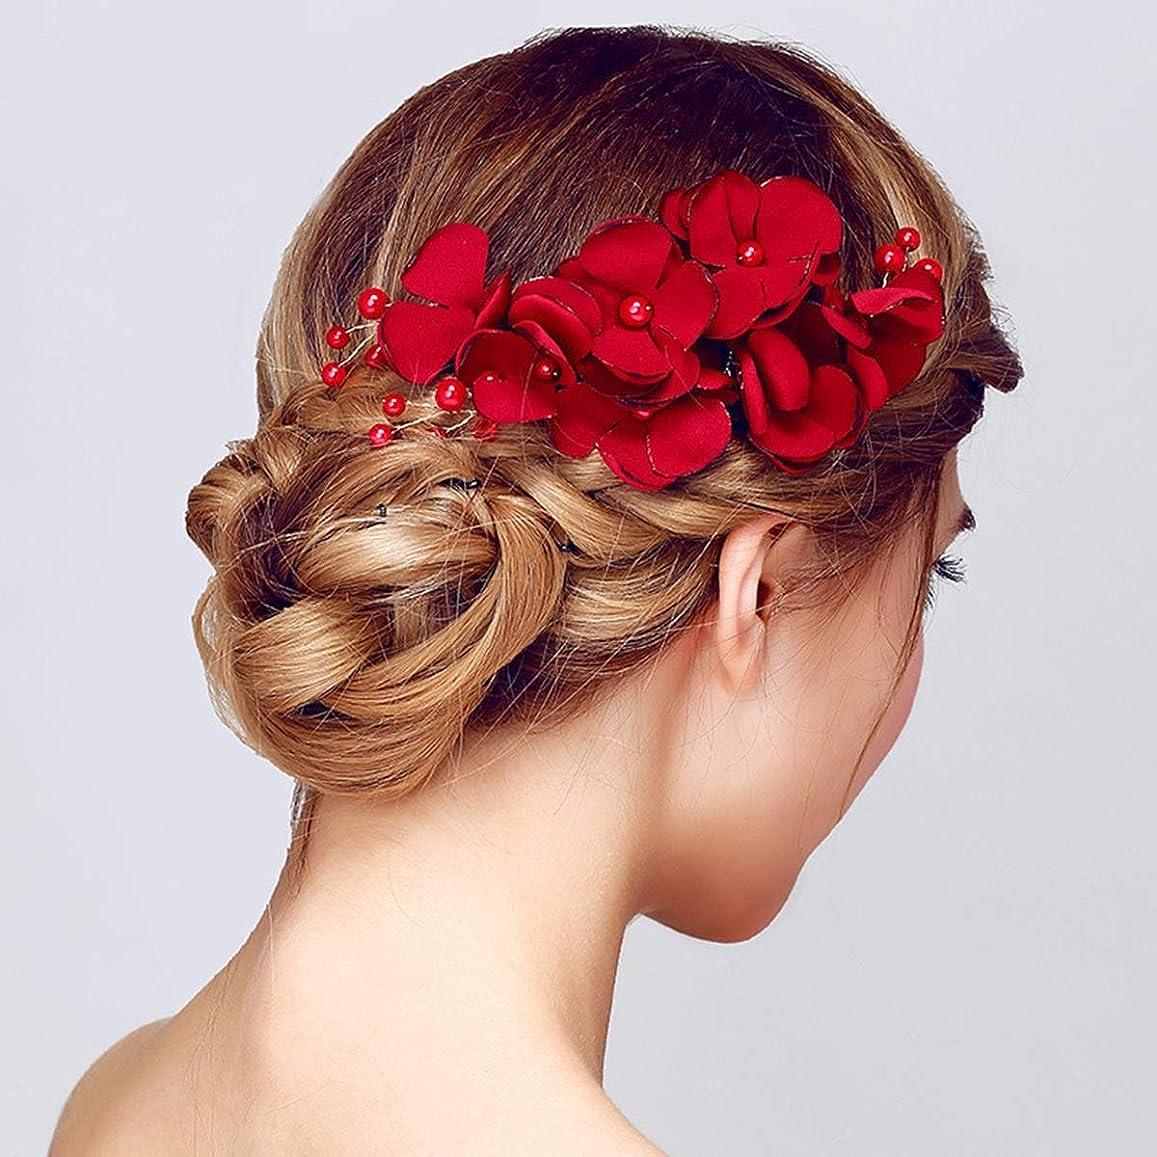 靴下内向き金額電気のヘアカーリングワンド女性合板真っ直ぐな髪デュアルユース、焼き付き防止フロントエンドデバイスパーマアーティファクト、ピンク